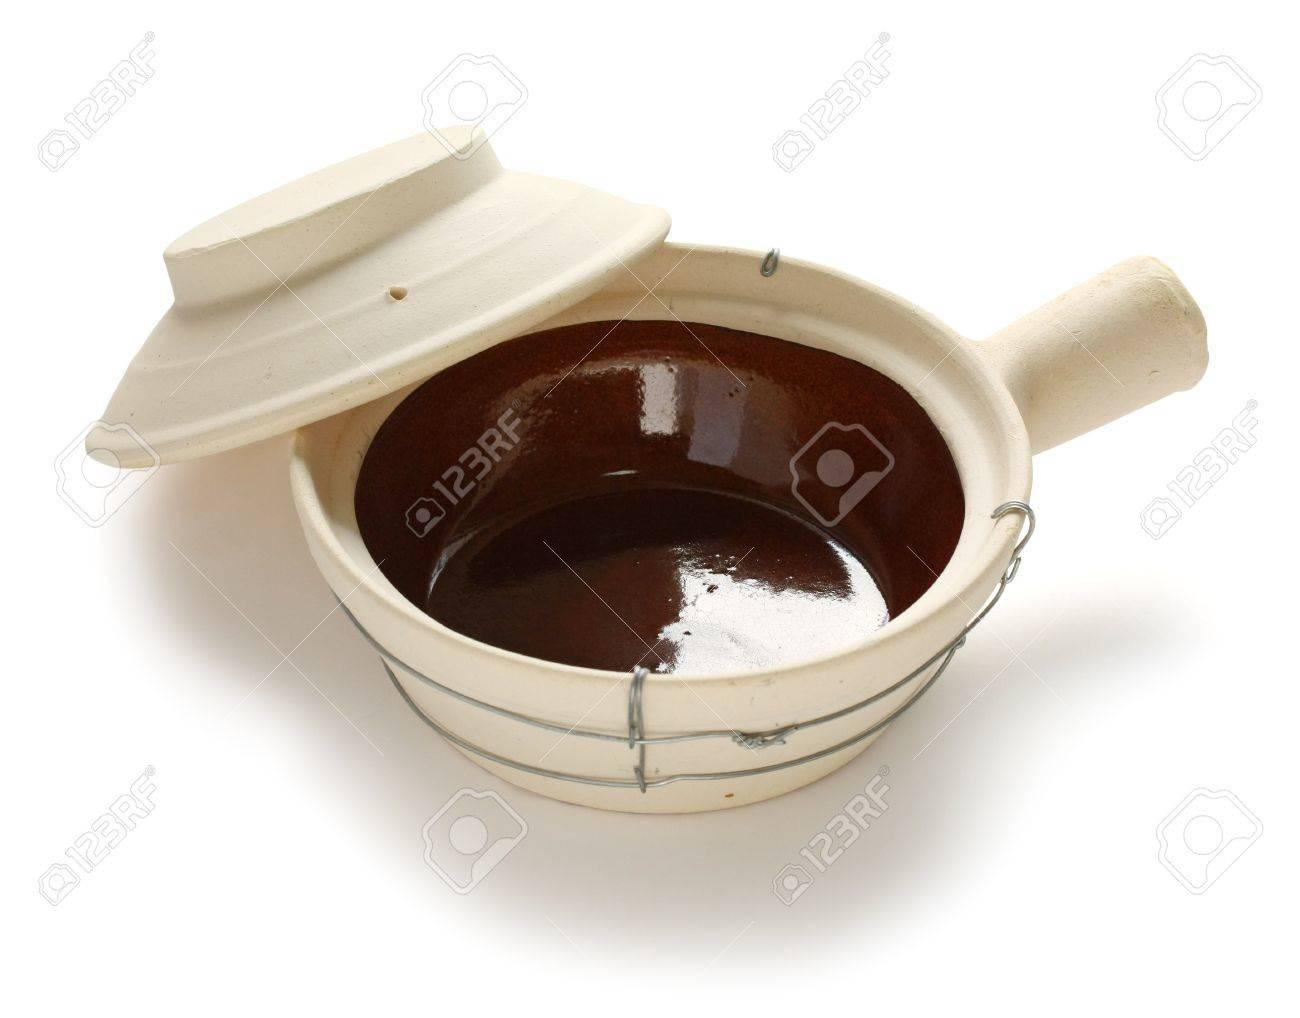 clay pot zhongwen empty chinese clay pot